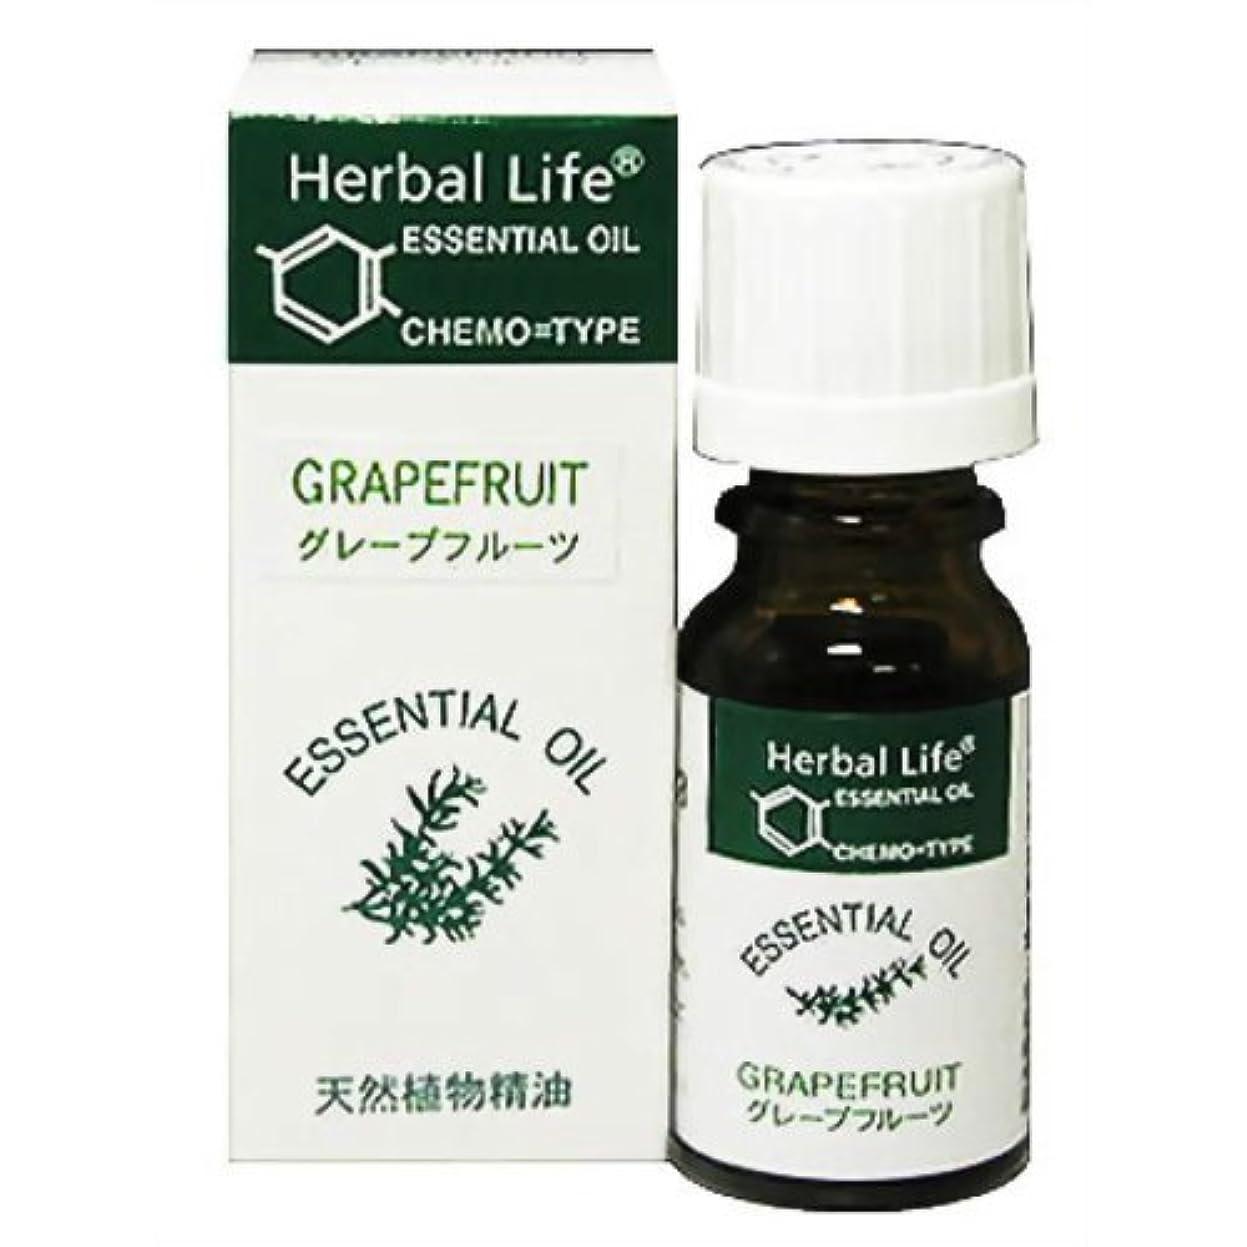 適応する検出可能ブルーム生活の木 Herbal Life グレープフルーツ 10ml